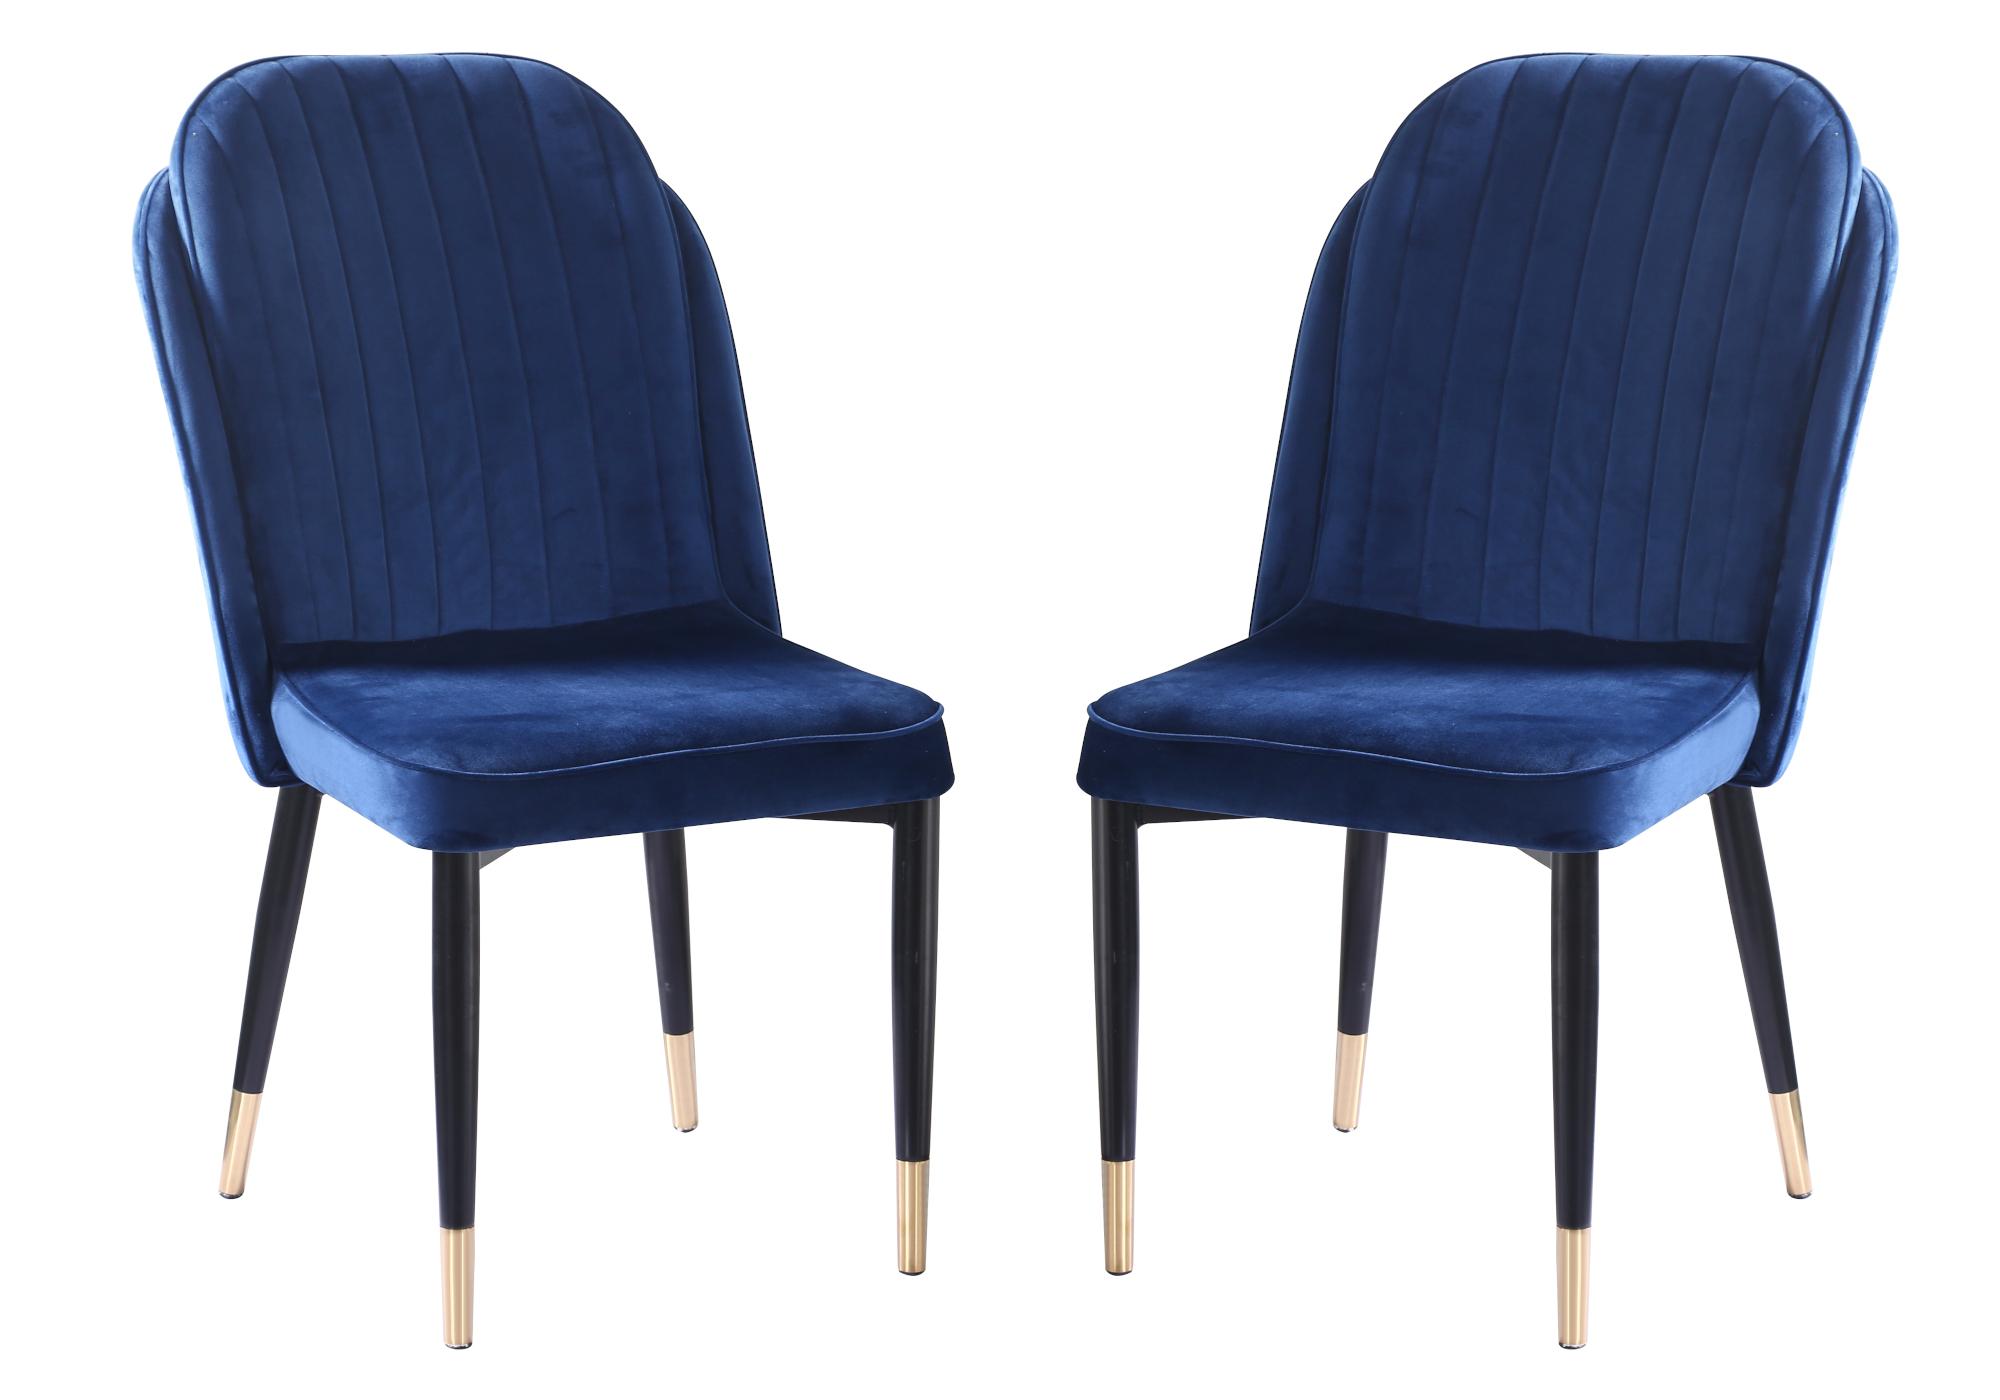 Chaises rétro velours bleu AVY